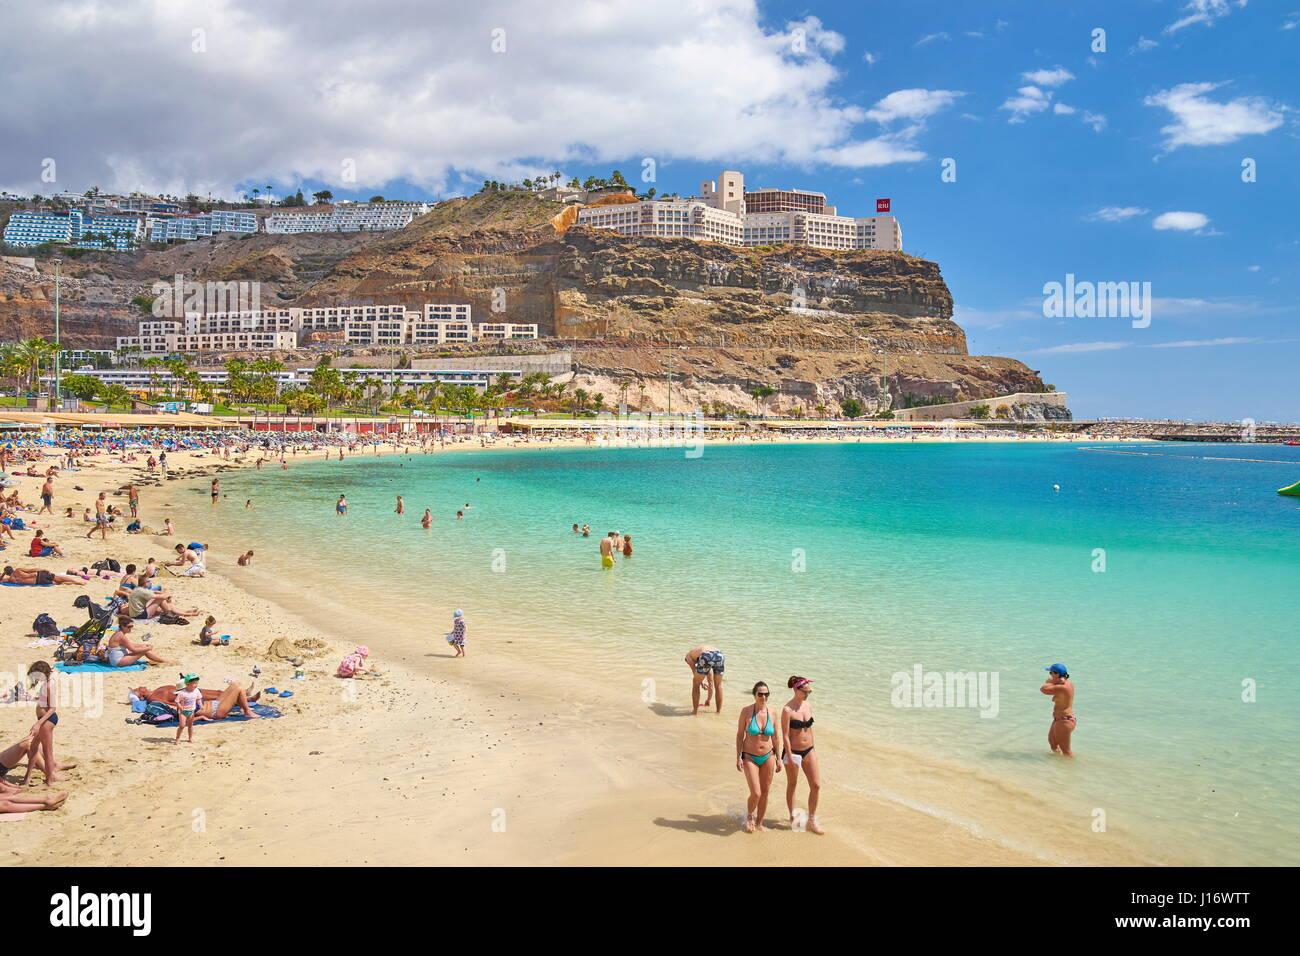 Los turistas en la playa de Puerto Rico, Gran Canaria, España Imagen De Stock